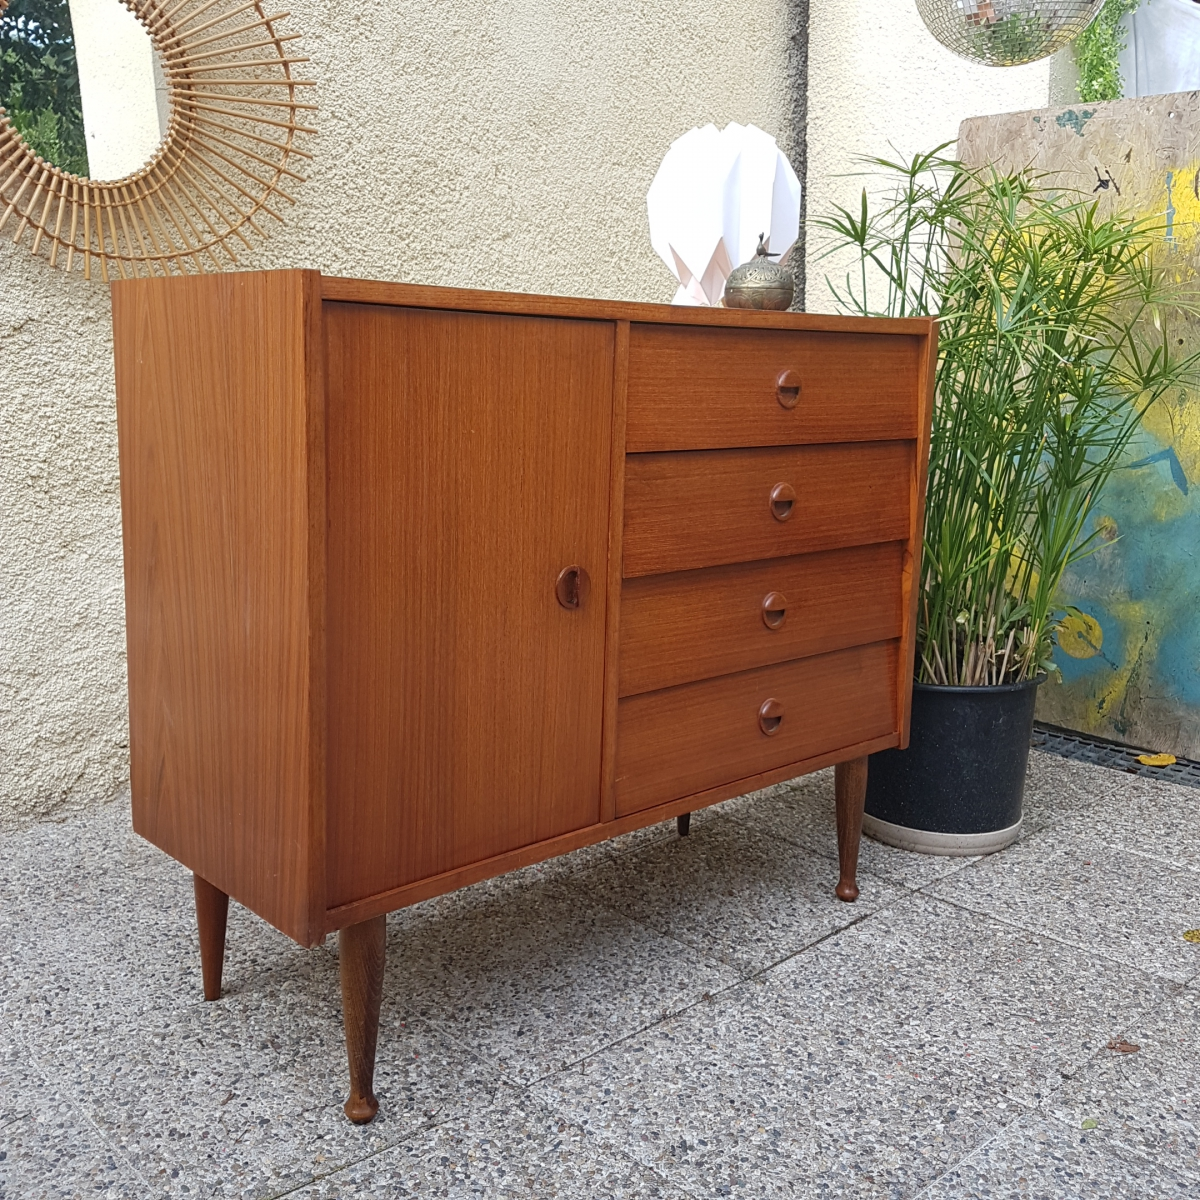 commode enfilade meuble sous vasque vintage luckyfind. Black Bedroom Furniture Sets. Home Design Ideas